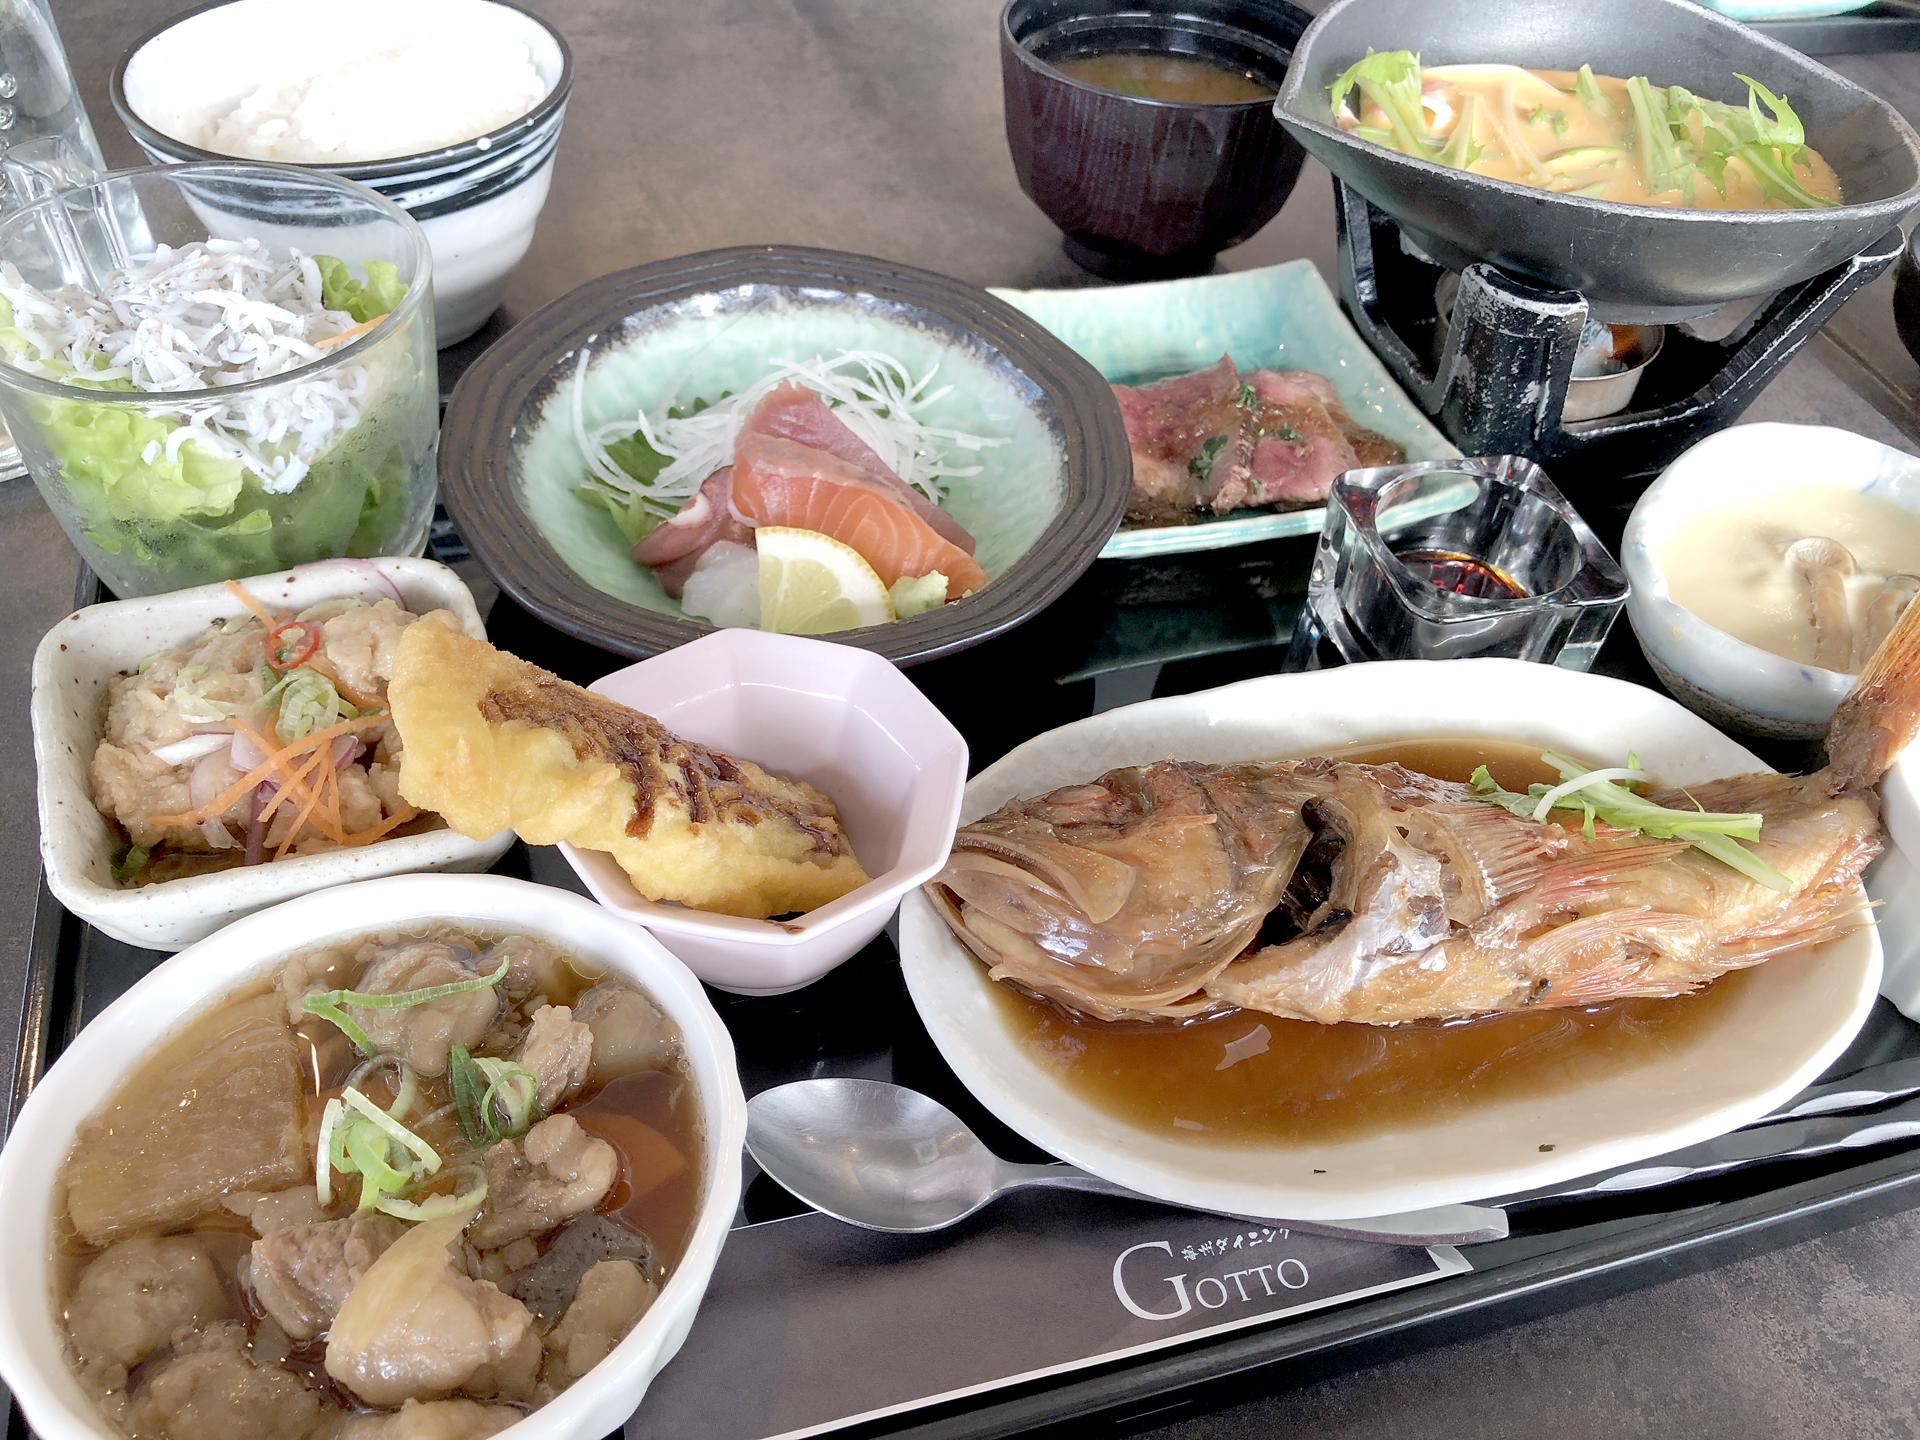 姫路,地産地消,料理